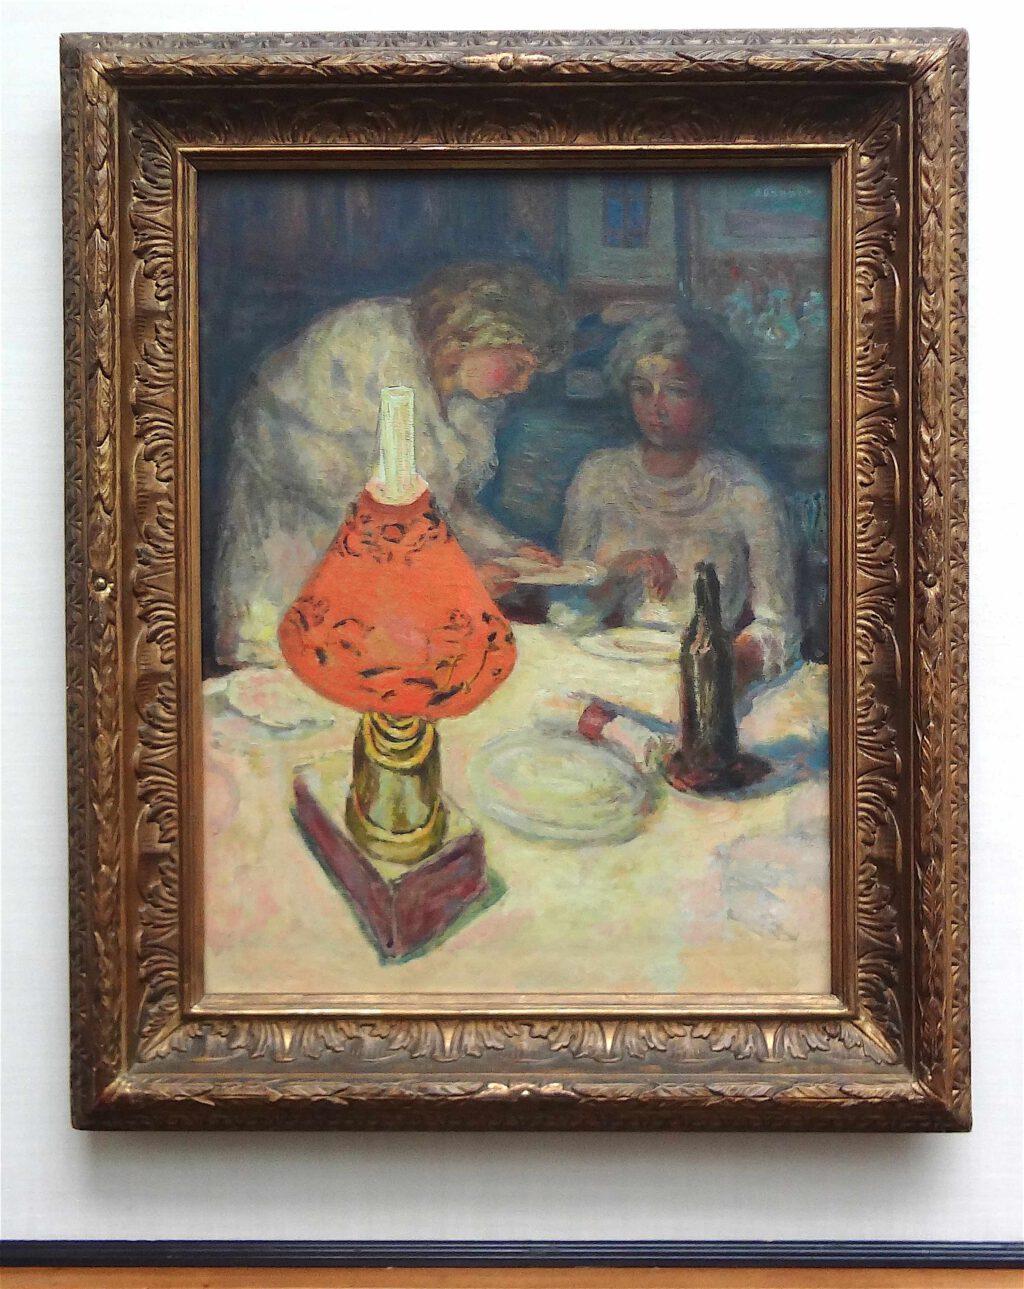 ピエール・ボナール「オレンジ色のランプシェード」1908年、ウィンタートゥール